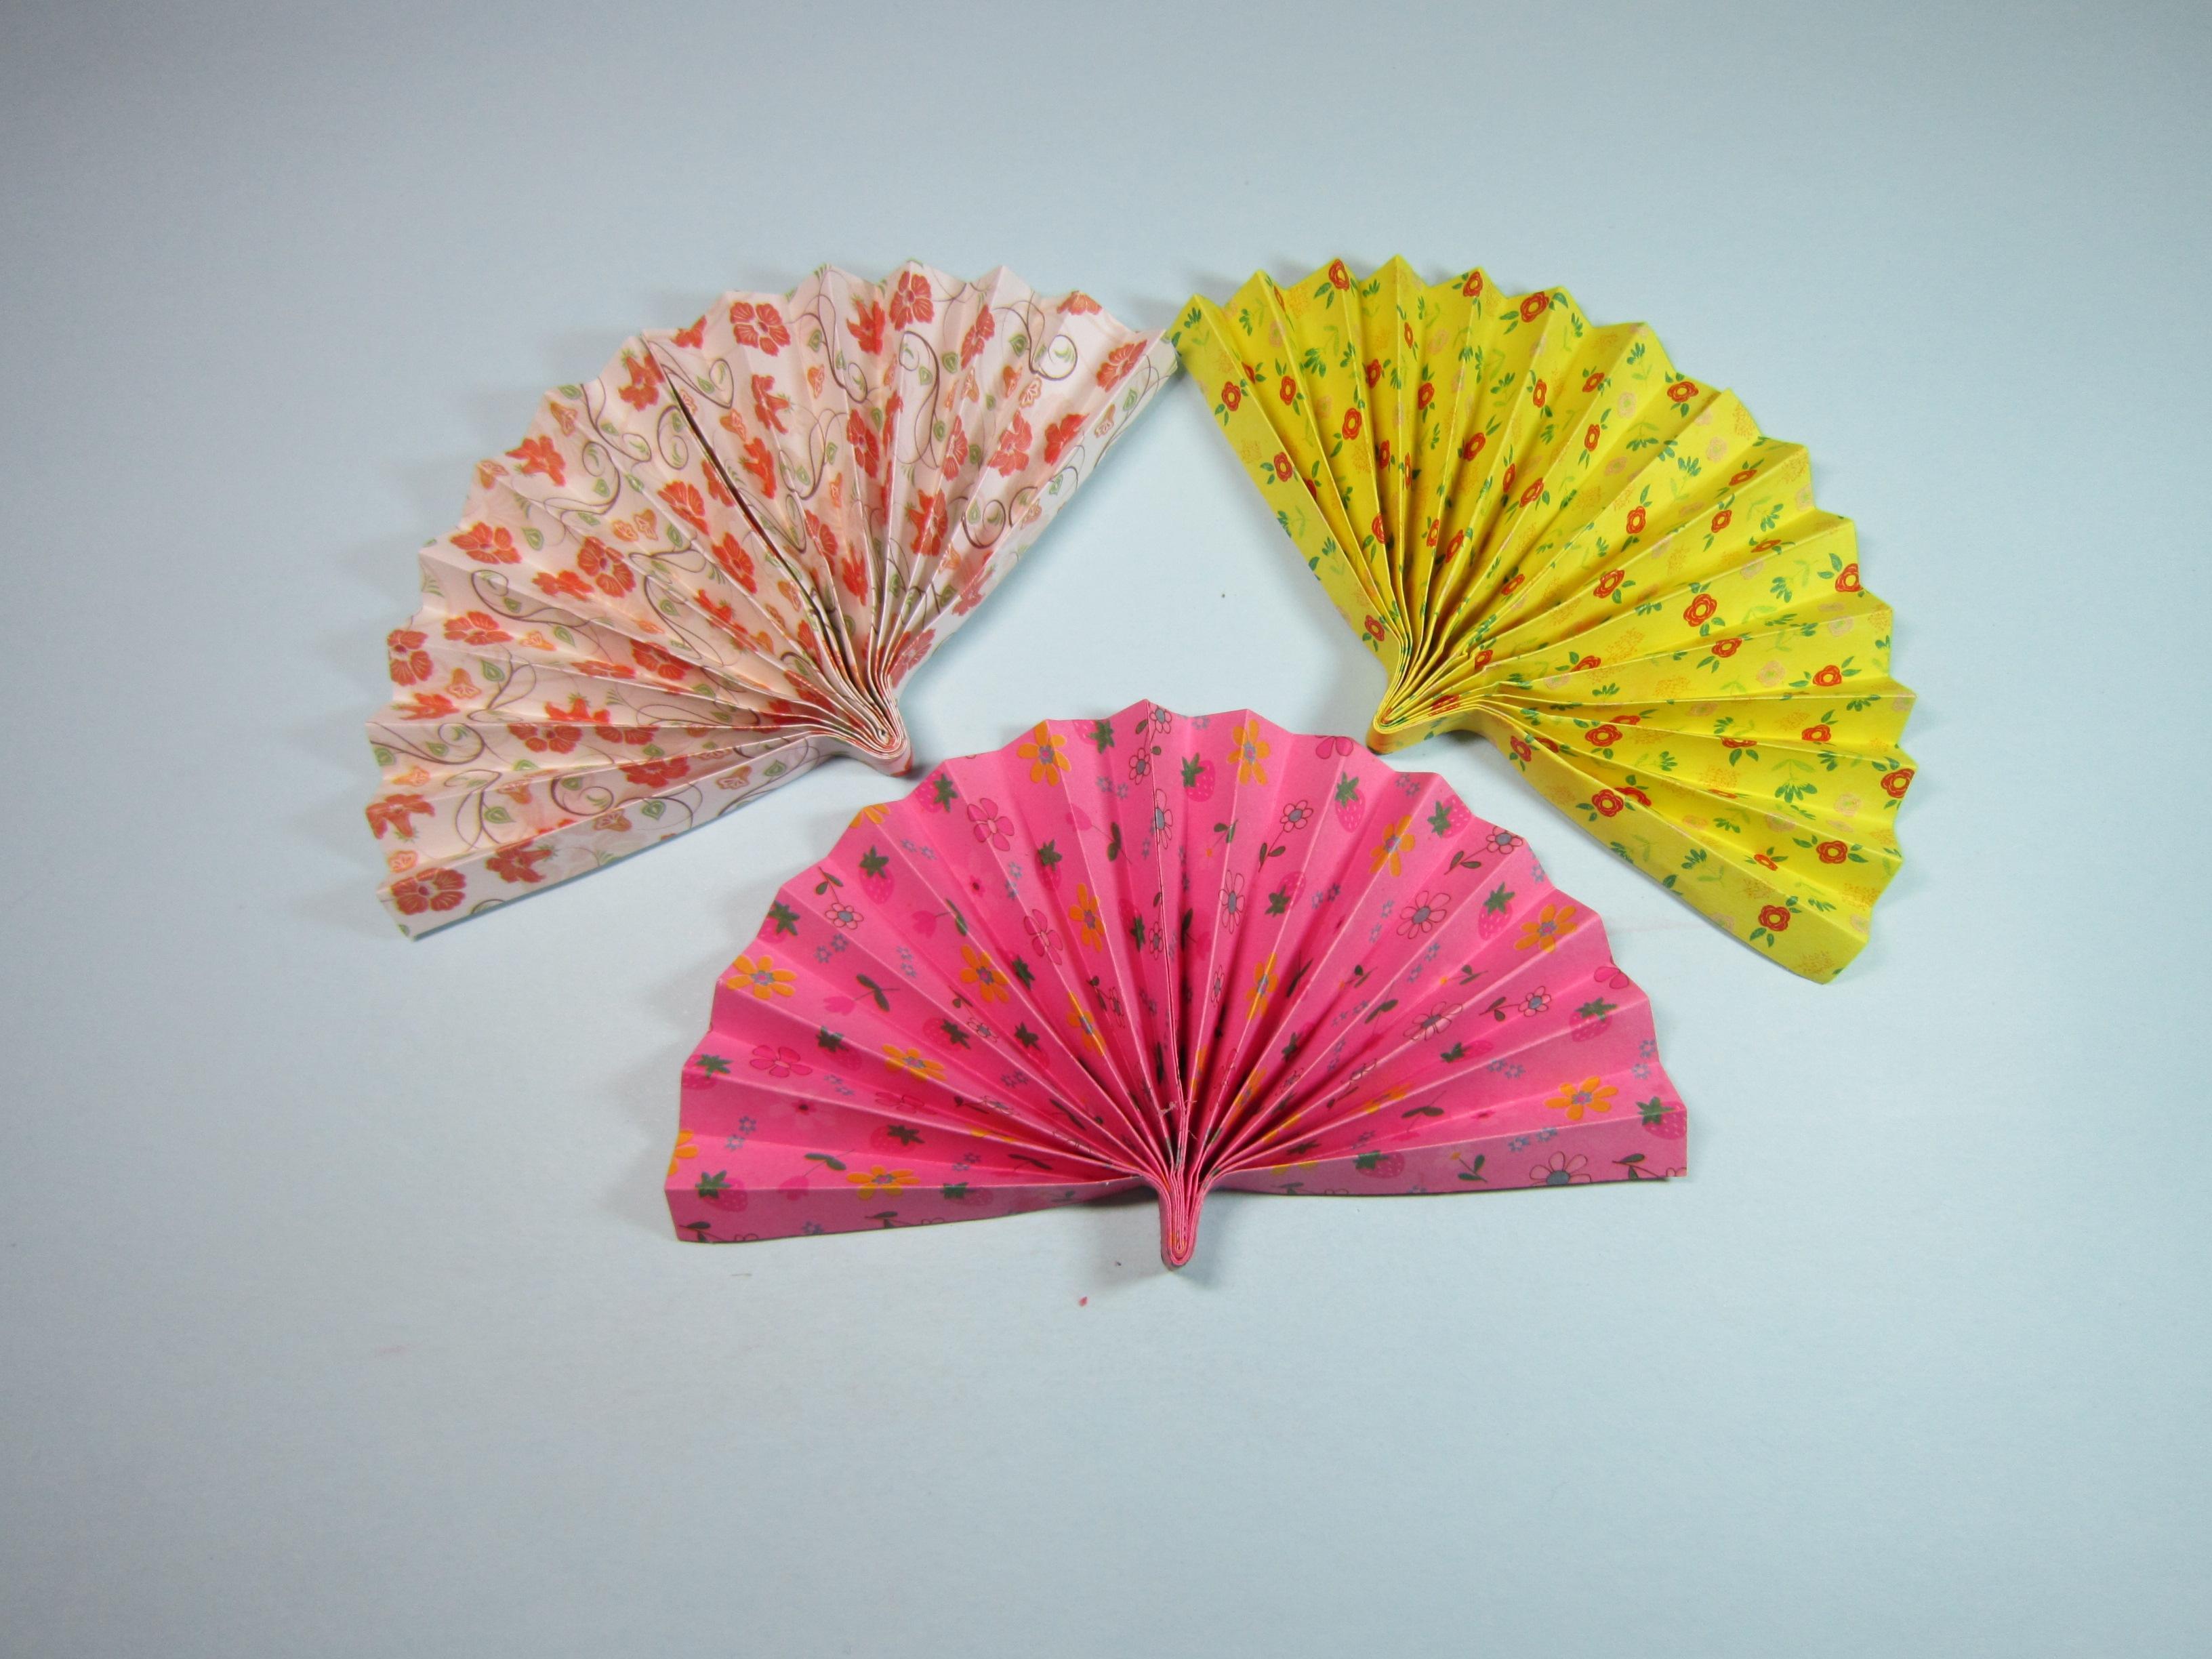 手把手教你折纸扇子,夏日炎炎,3分钟折一把简单又漂亮的纸扇-折纸.